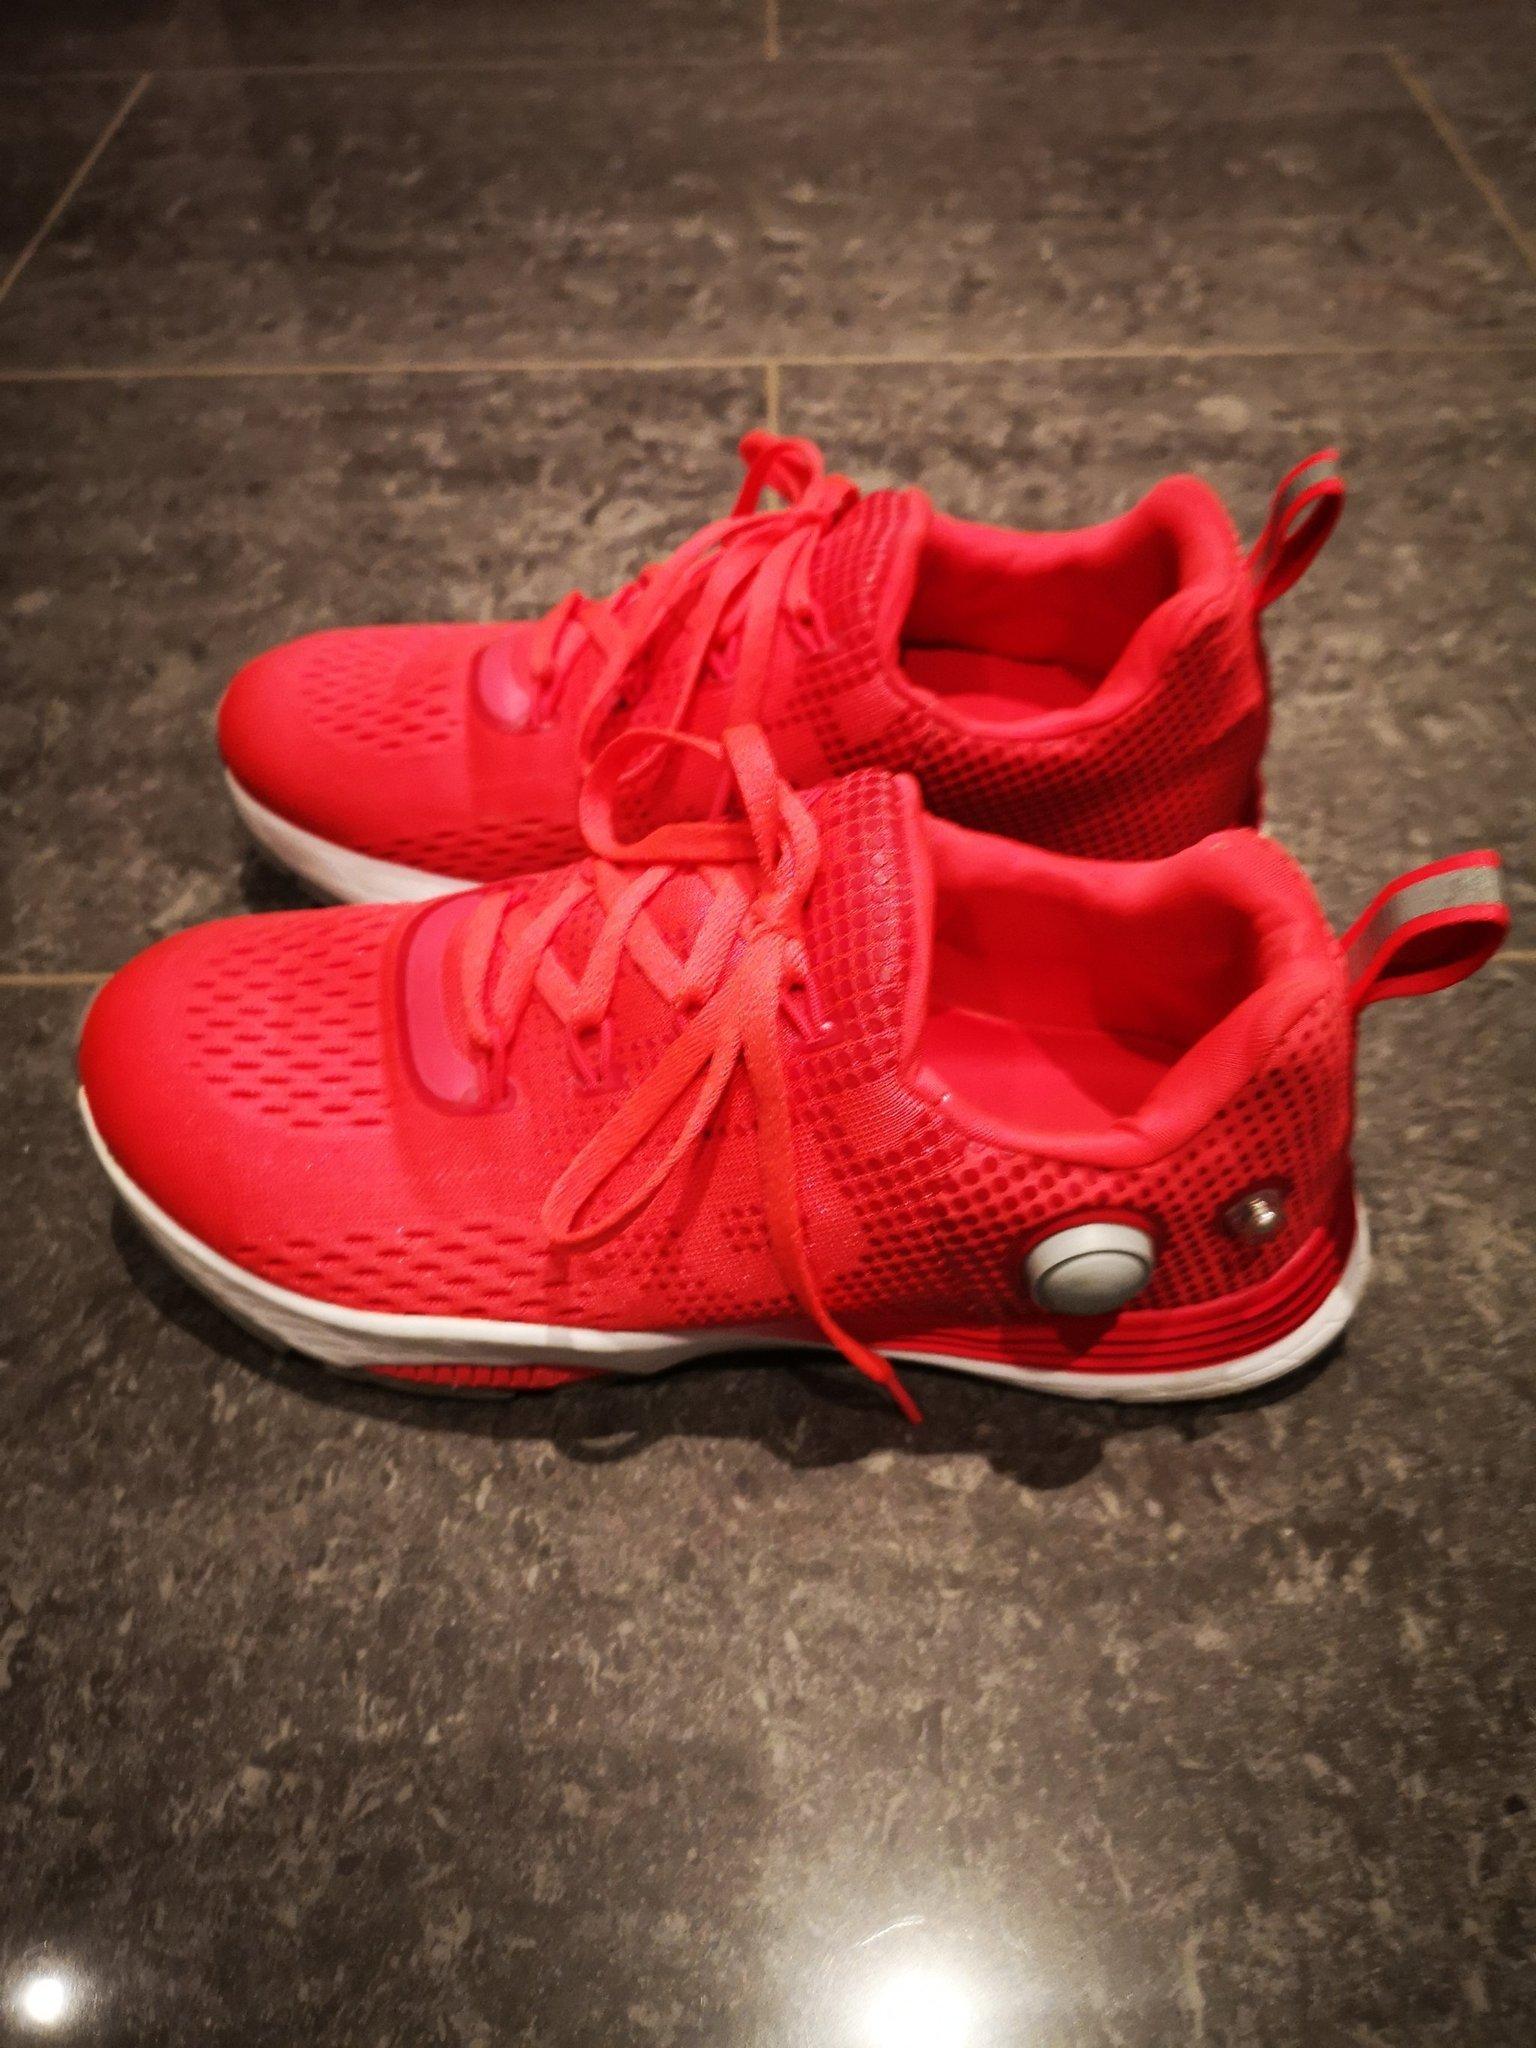 Reebok bodypump skor (418570664) ᐈ Köp på Tradera